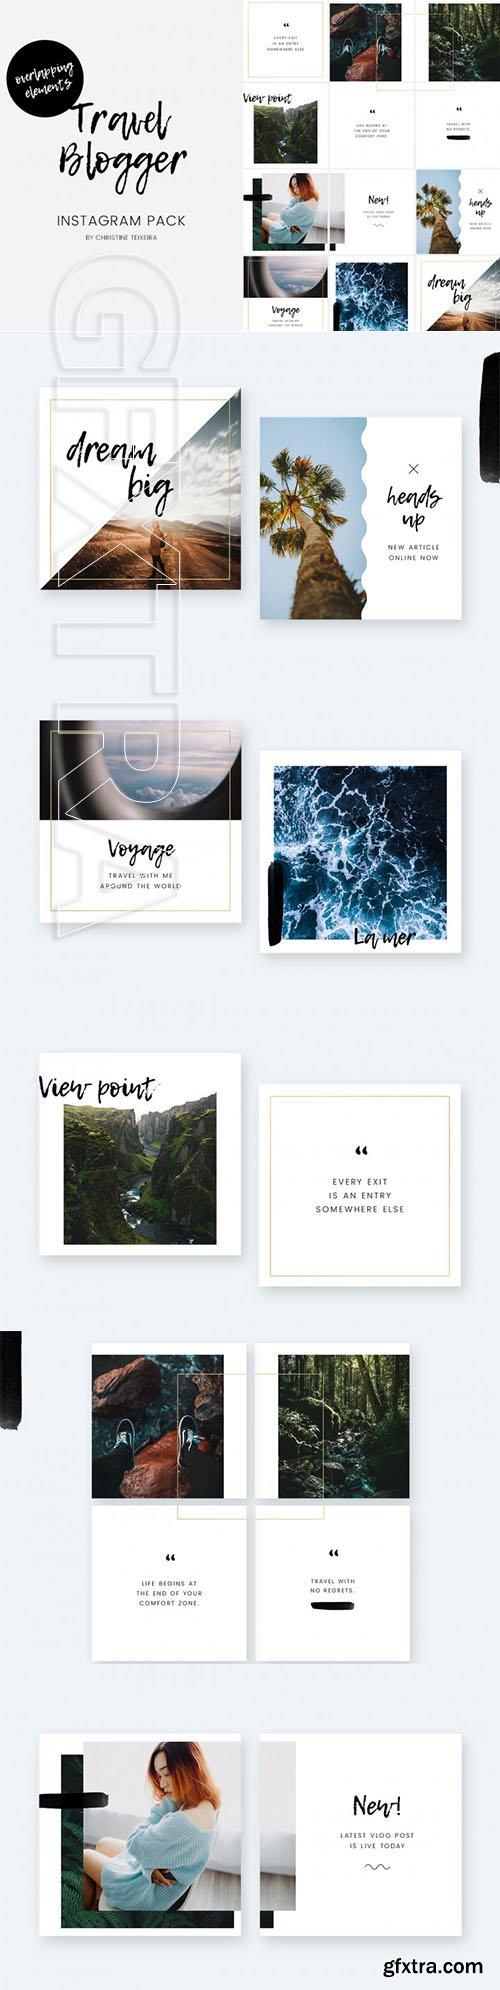 Travel Blogger Instagram Pack